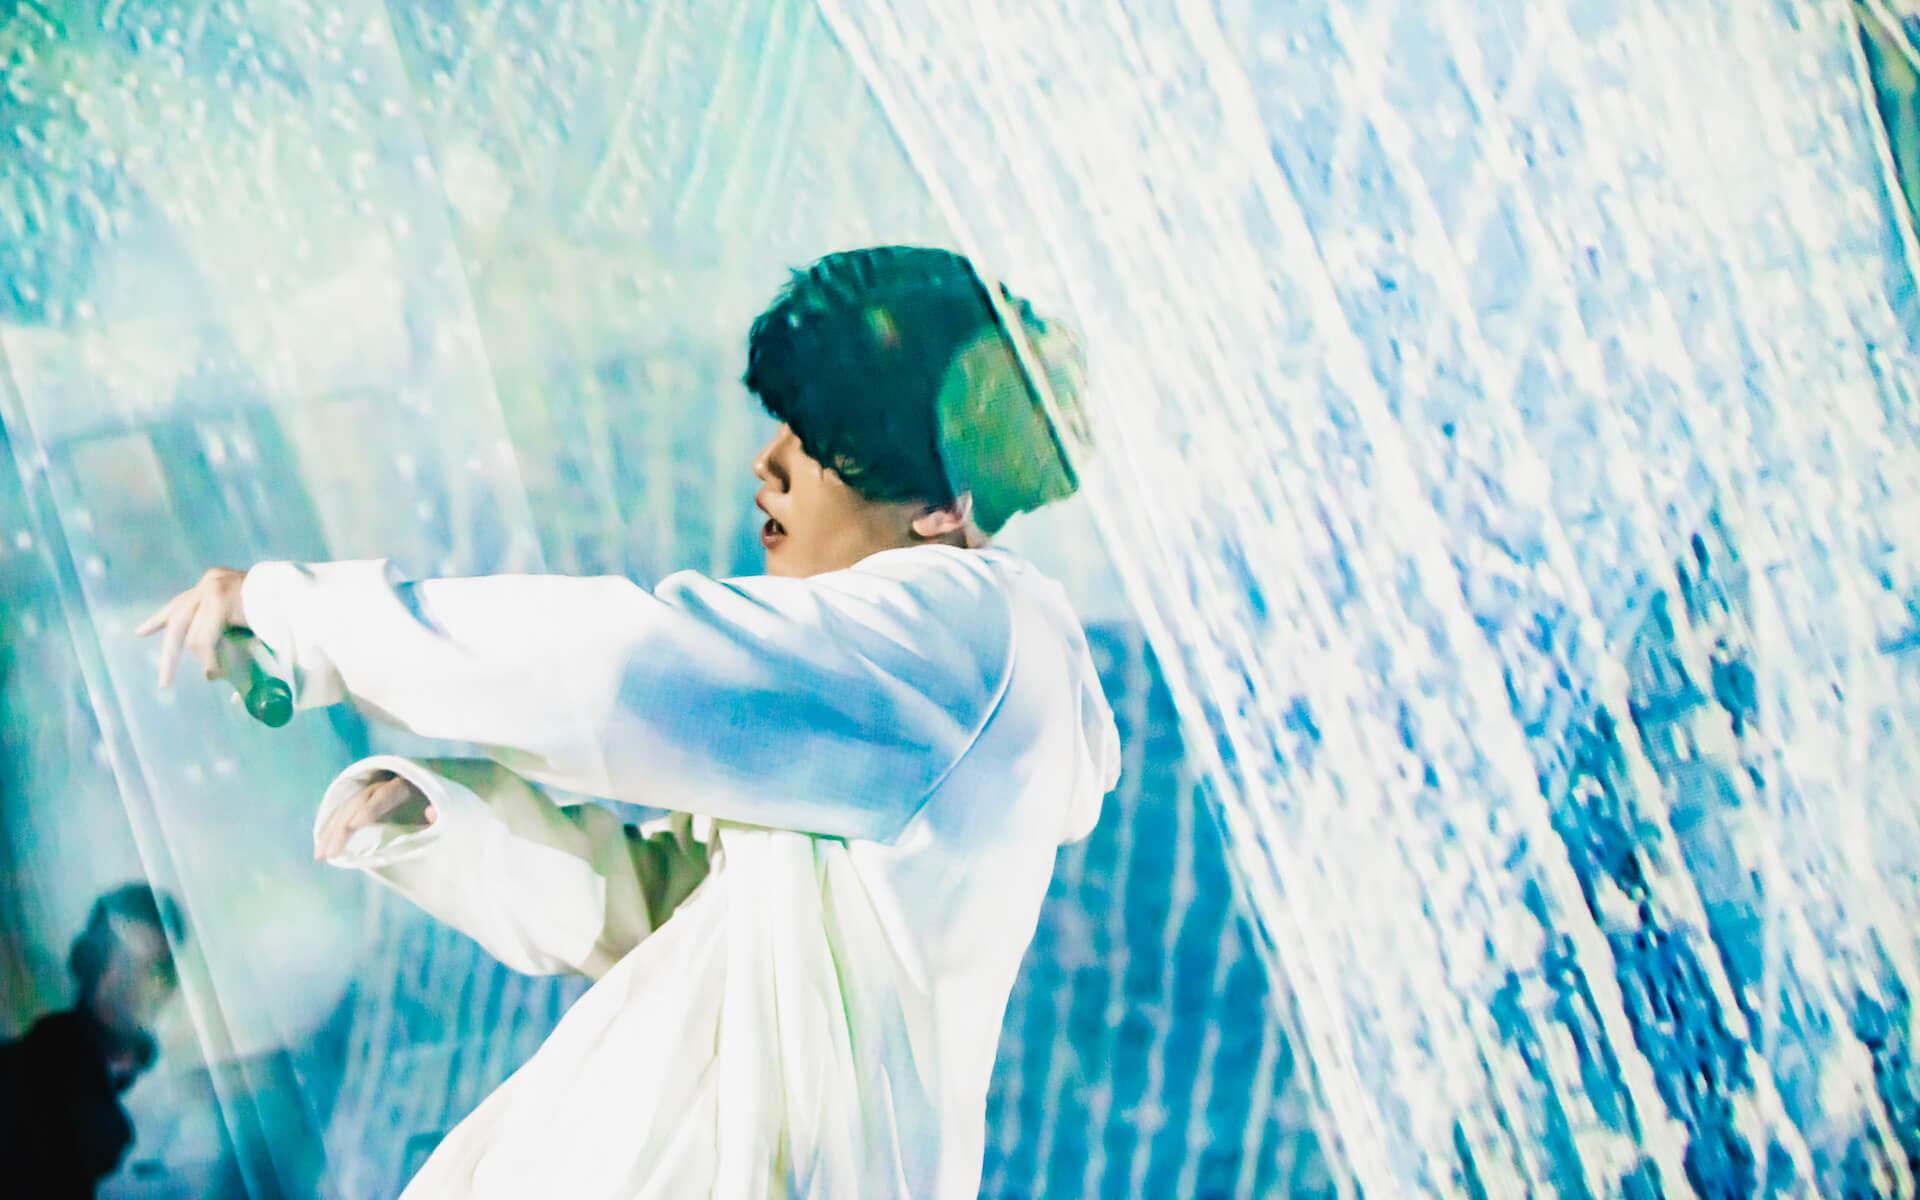 """クボタカイが1stアルバム発売記念ツアーを全国4都市完走!ファイナルで新曲""""エックスフレンド""""のリリースも発表 music210917_kubotakai_tour_07"""